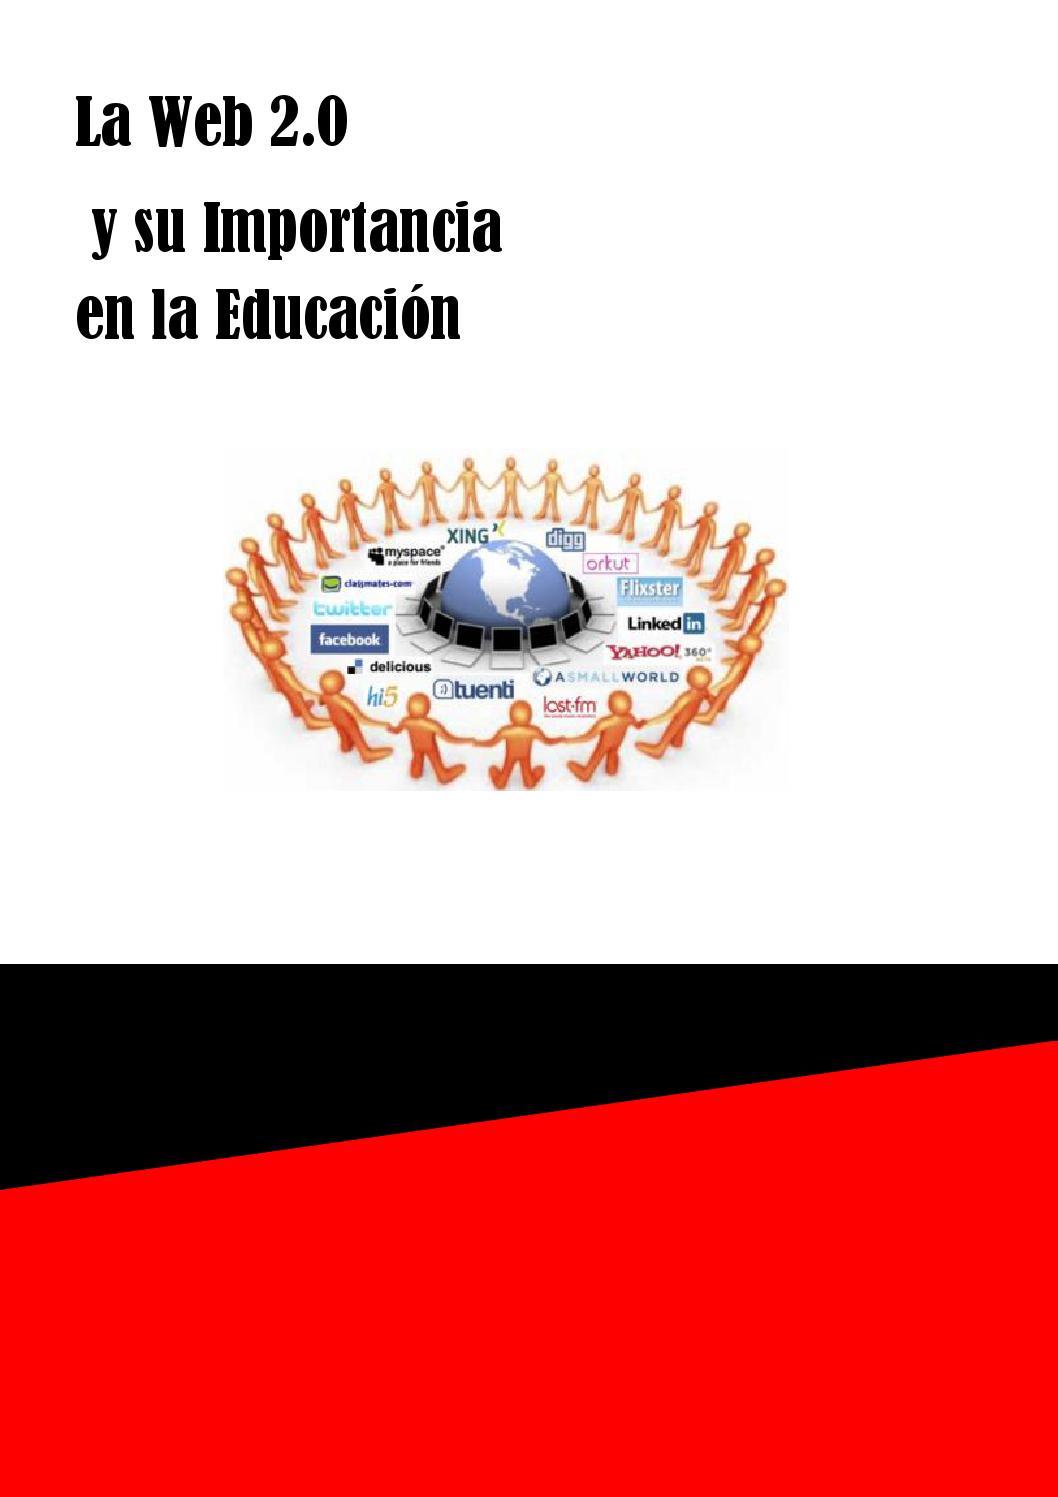 Web 2.0 y su importancia en la educacioón by rosamarmolejos - issuu